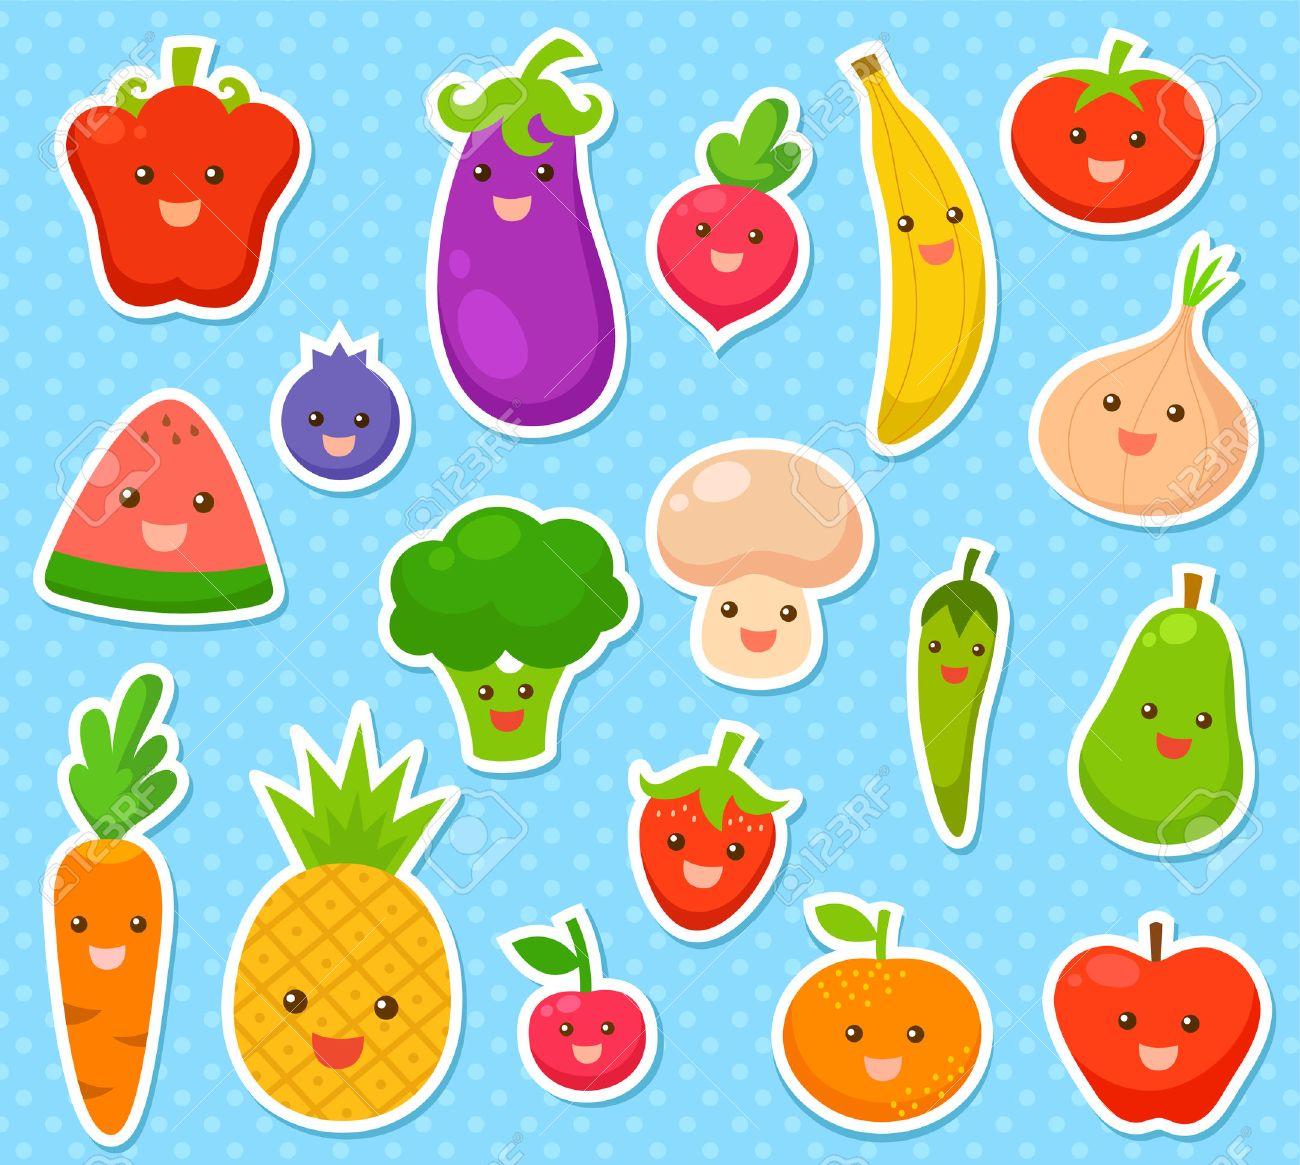 colección de frutas y verduras de dibujos animados ilustraciones